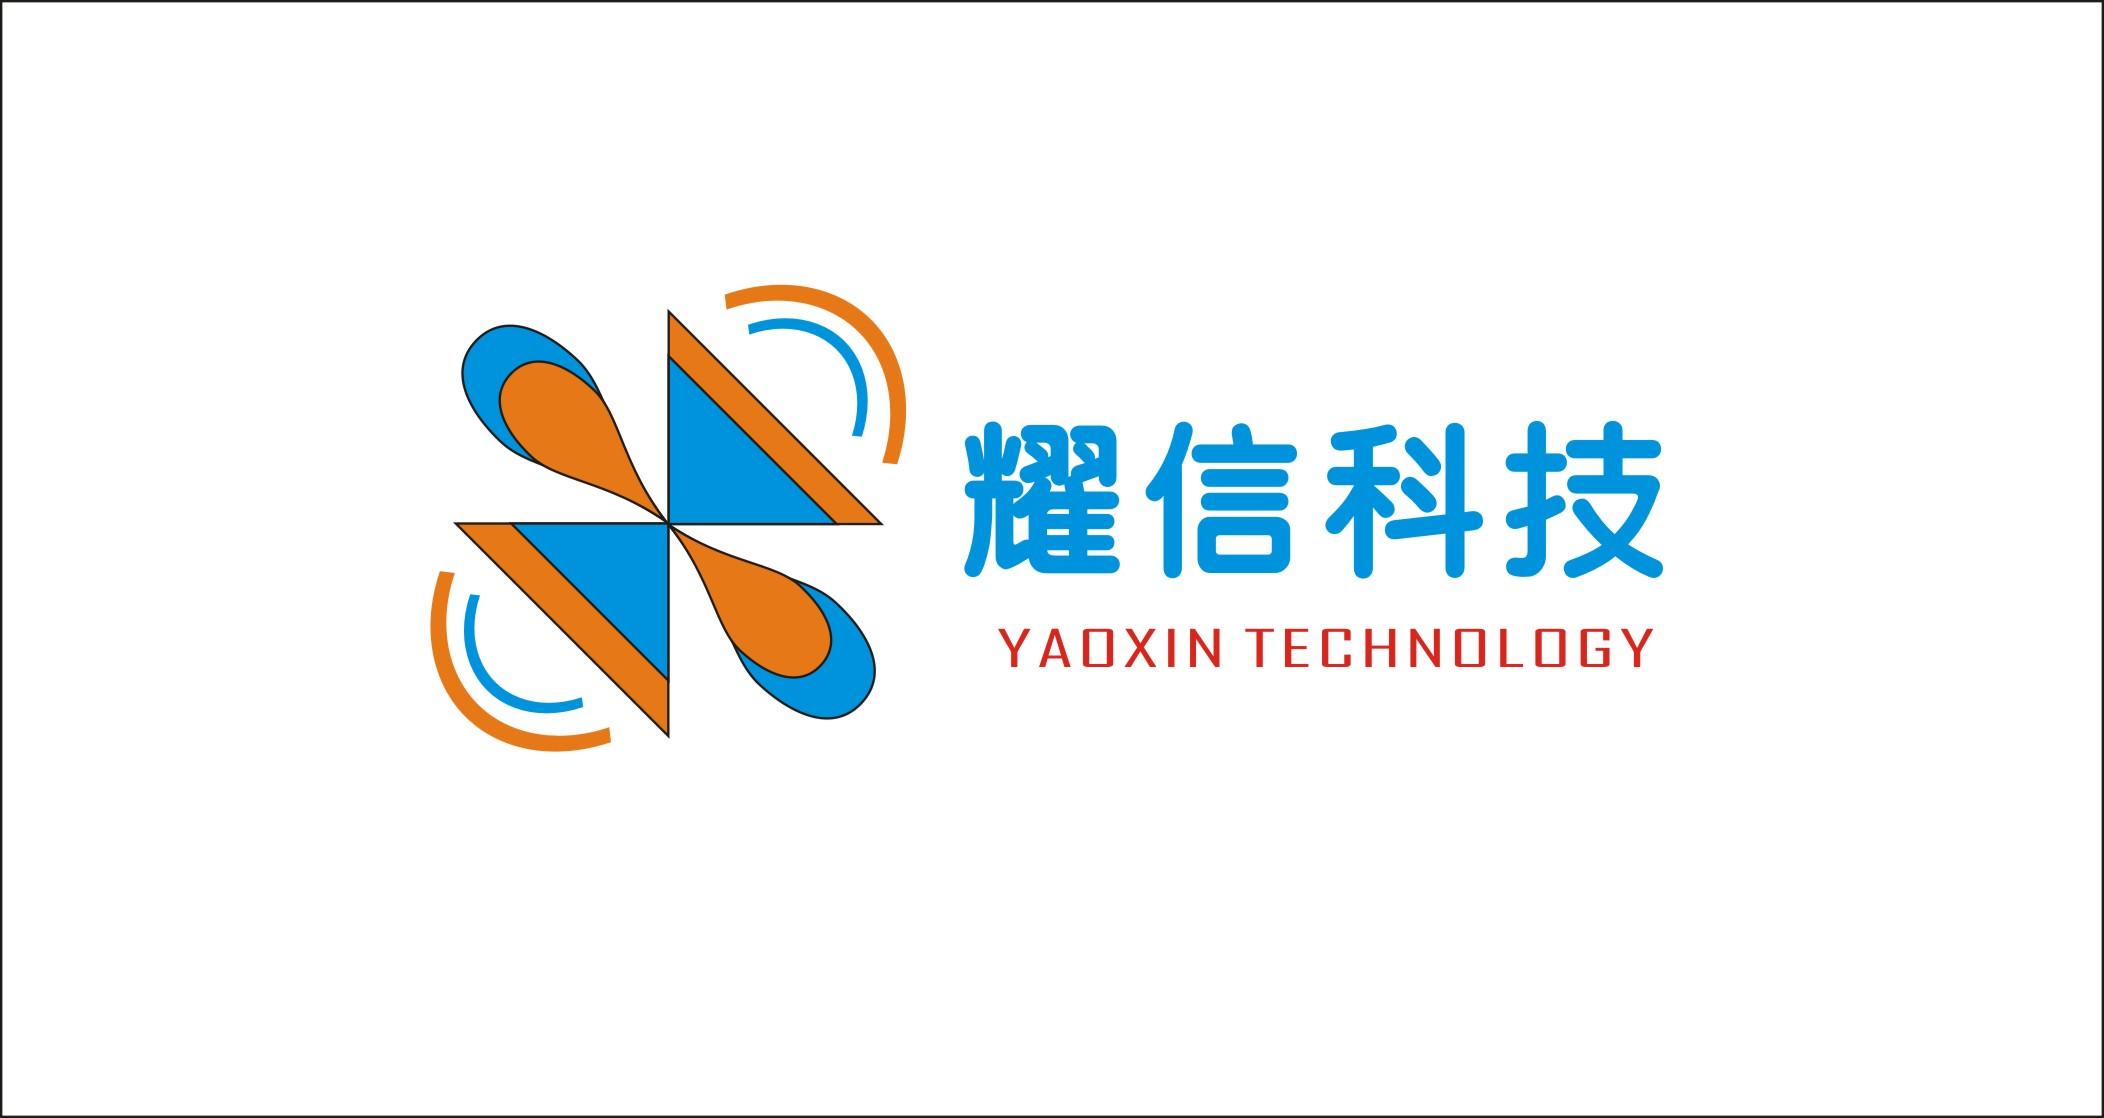 公司logo名称字体设计